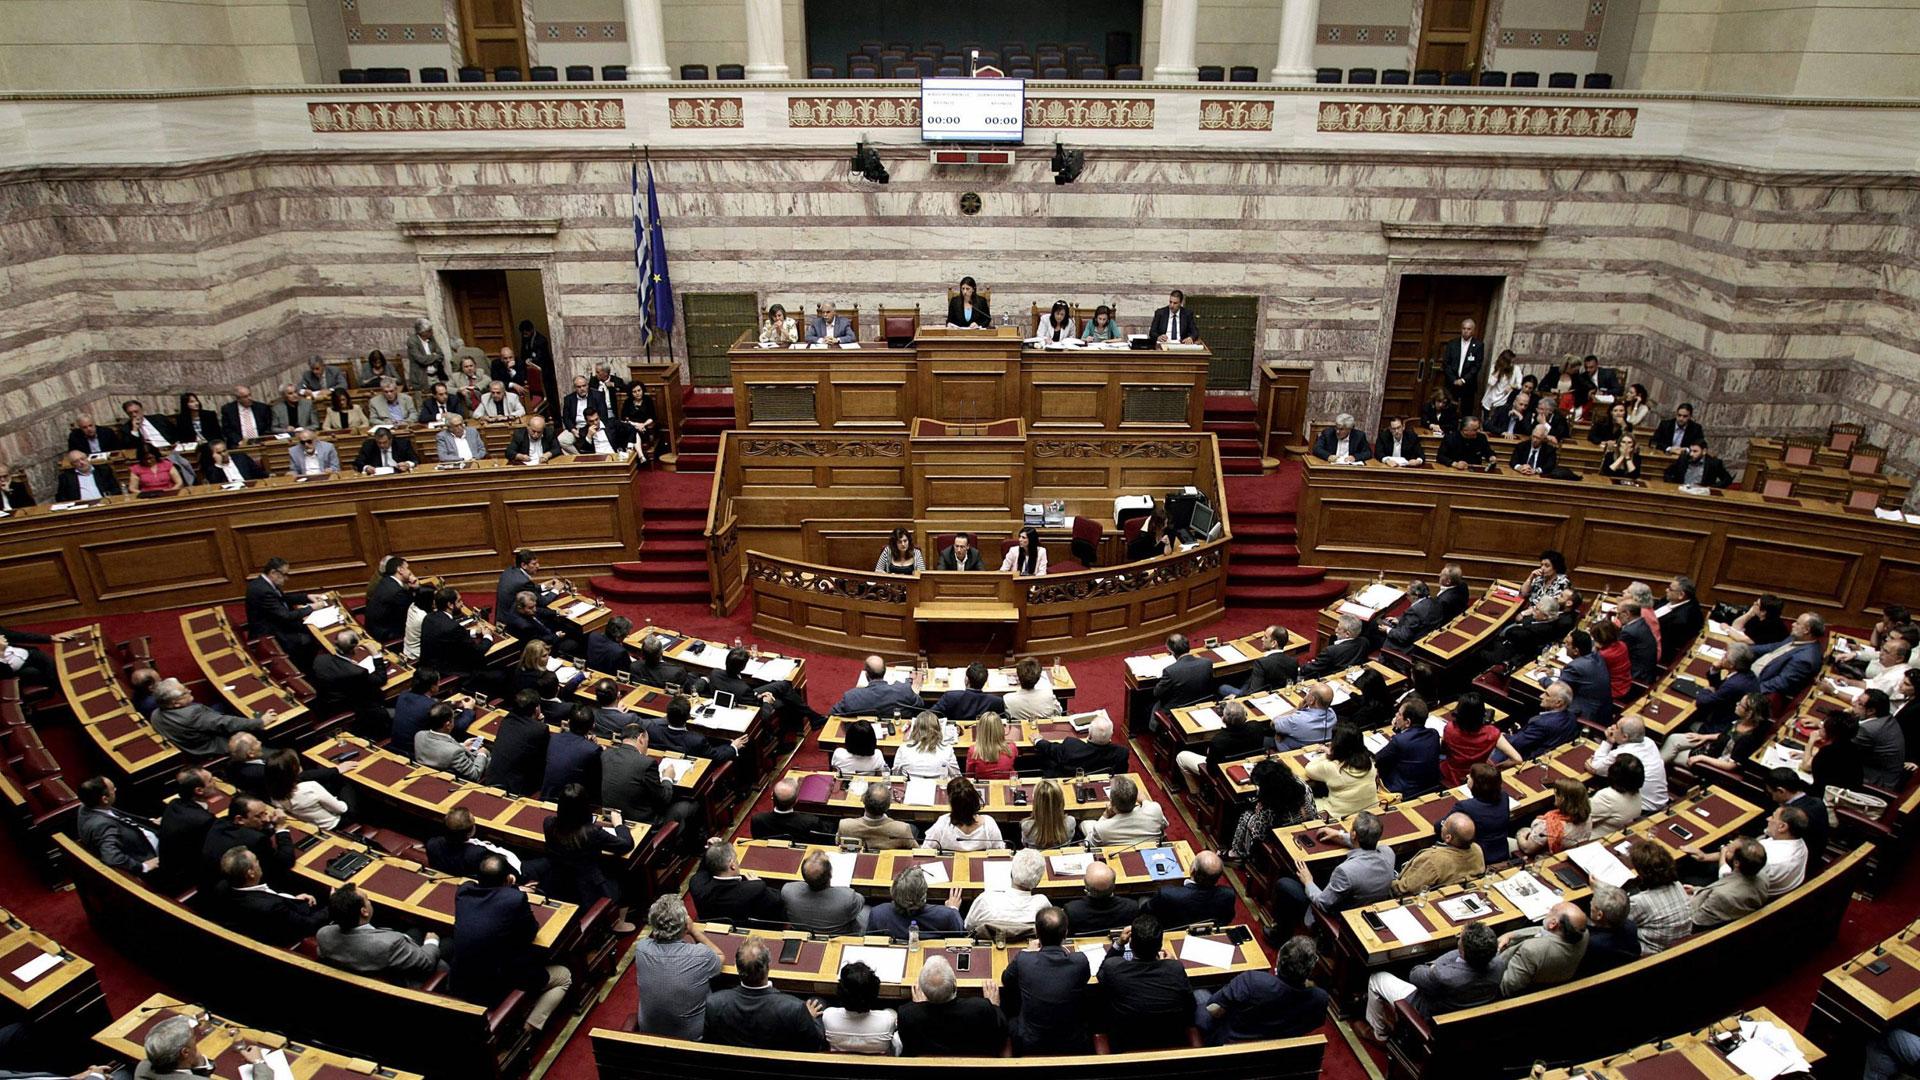 La Asamblea Nacional francesa dadoptó una ley para reducir la dependencia de la energía nuclear